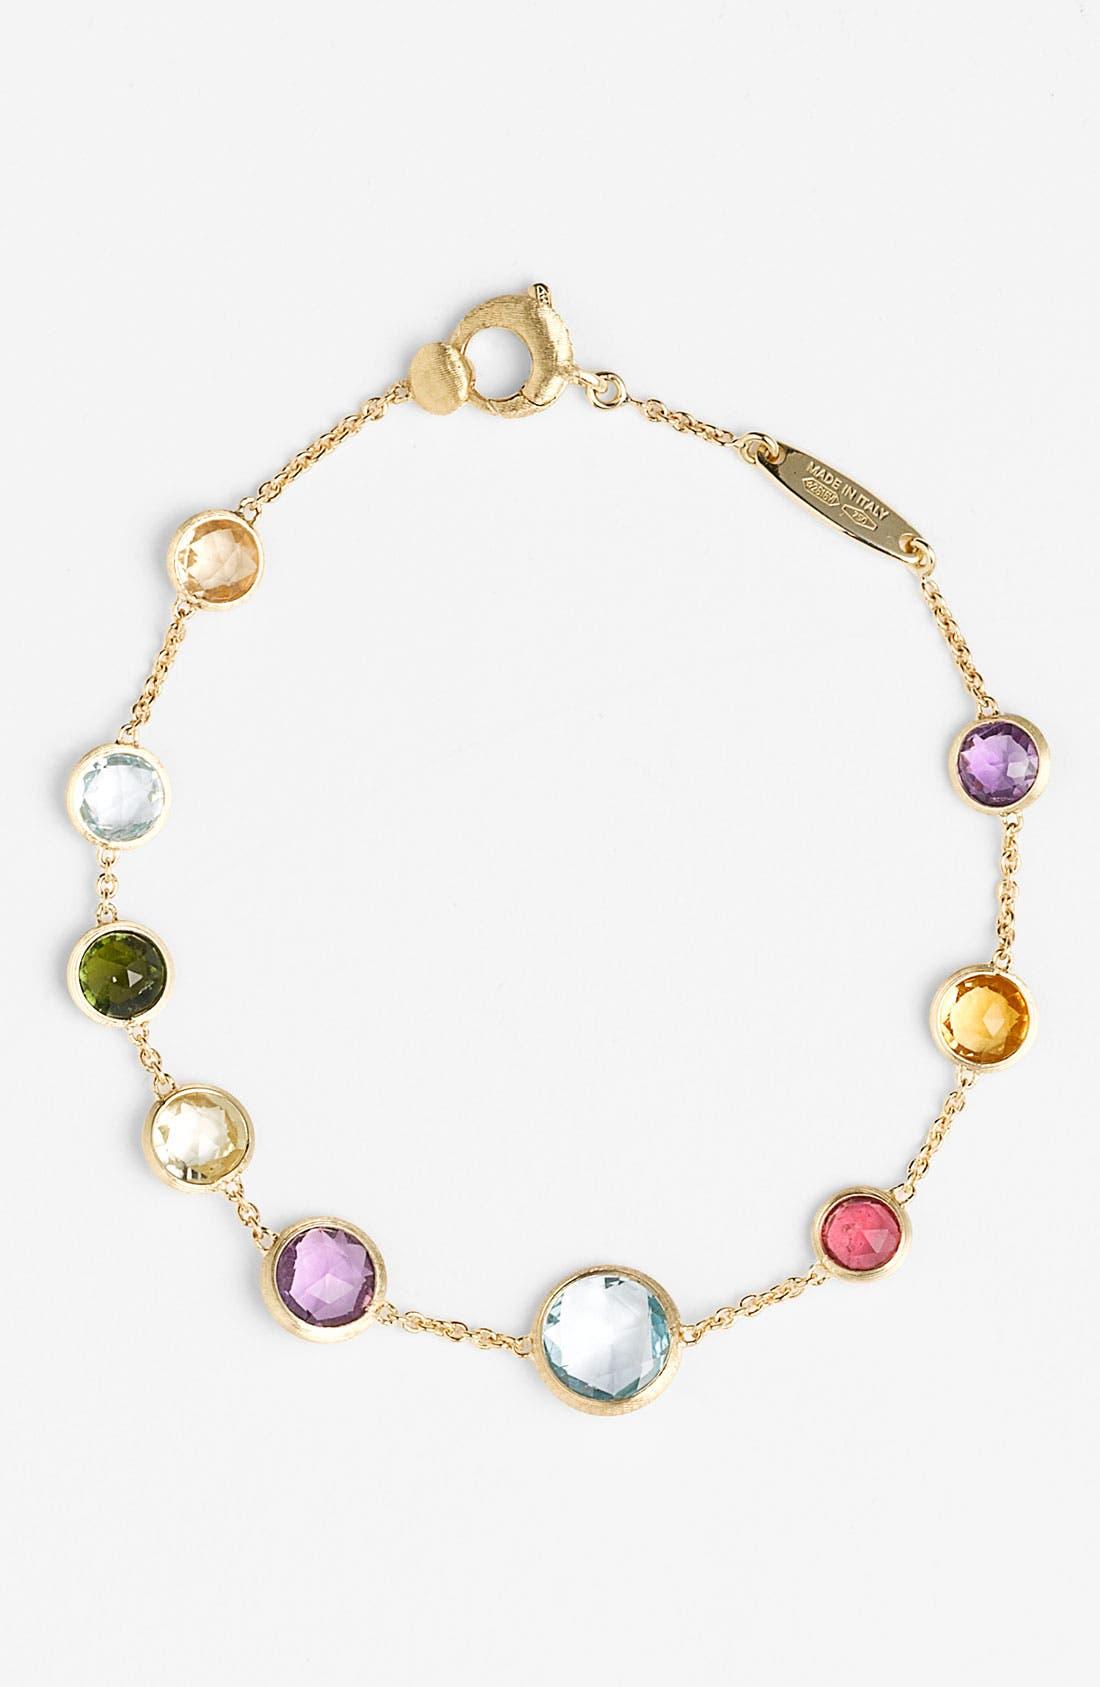 Main Image - Marco Bicego 'Mini Jaipur' Single Strand Bracelet